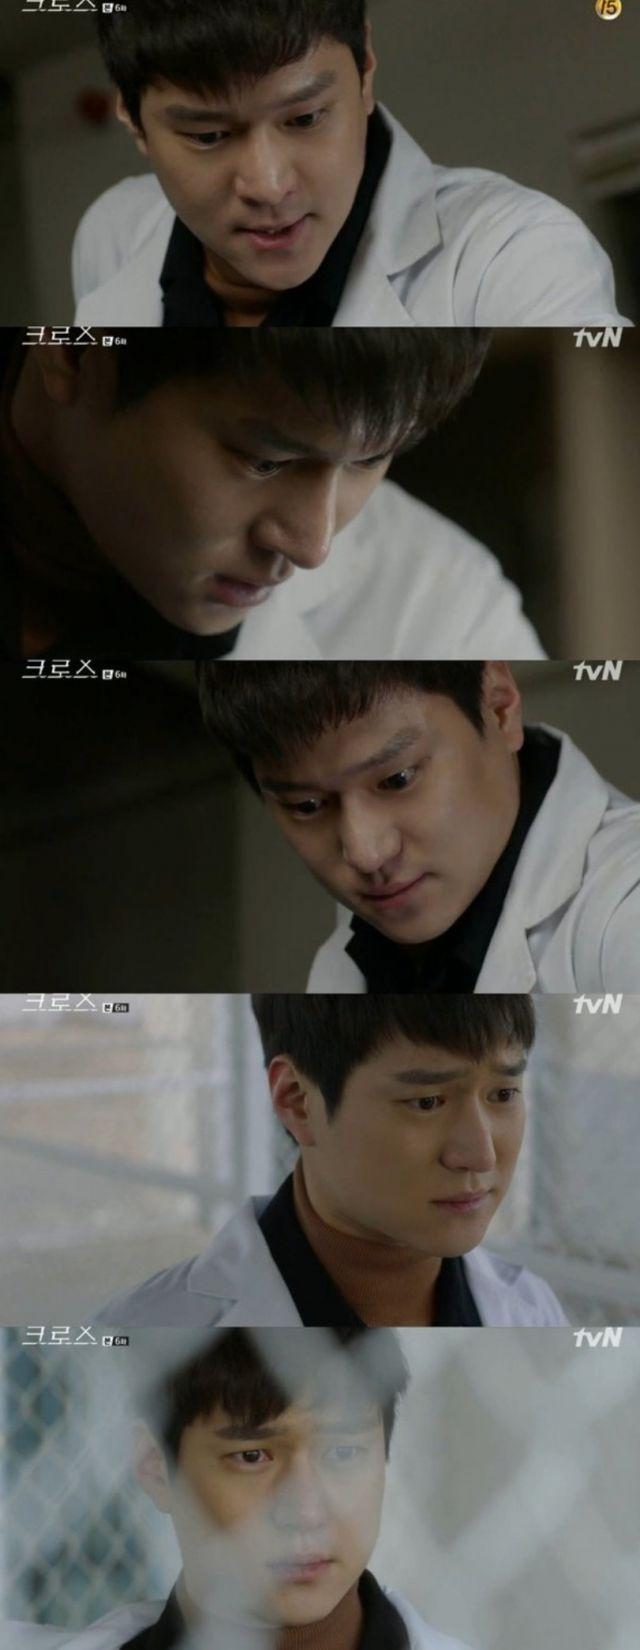 Risultati immagini per drama cross episode 06